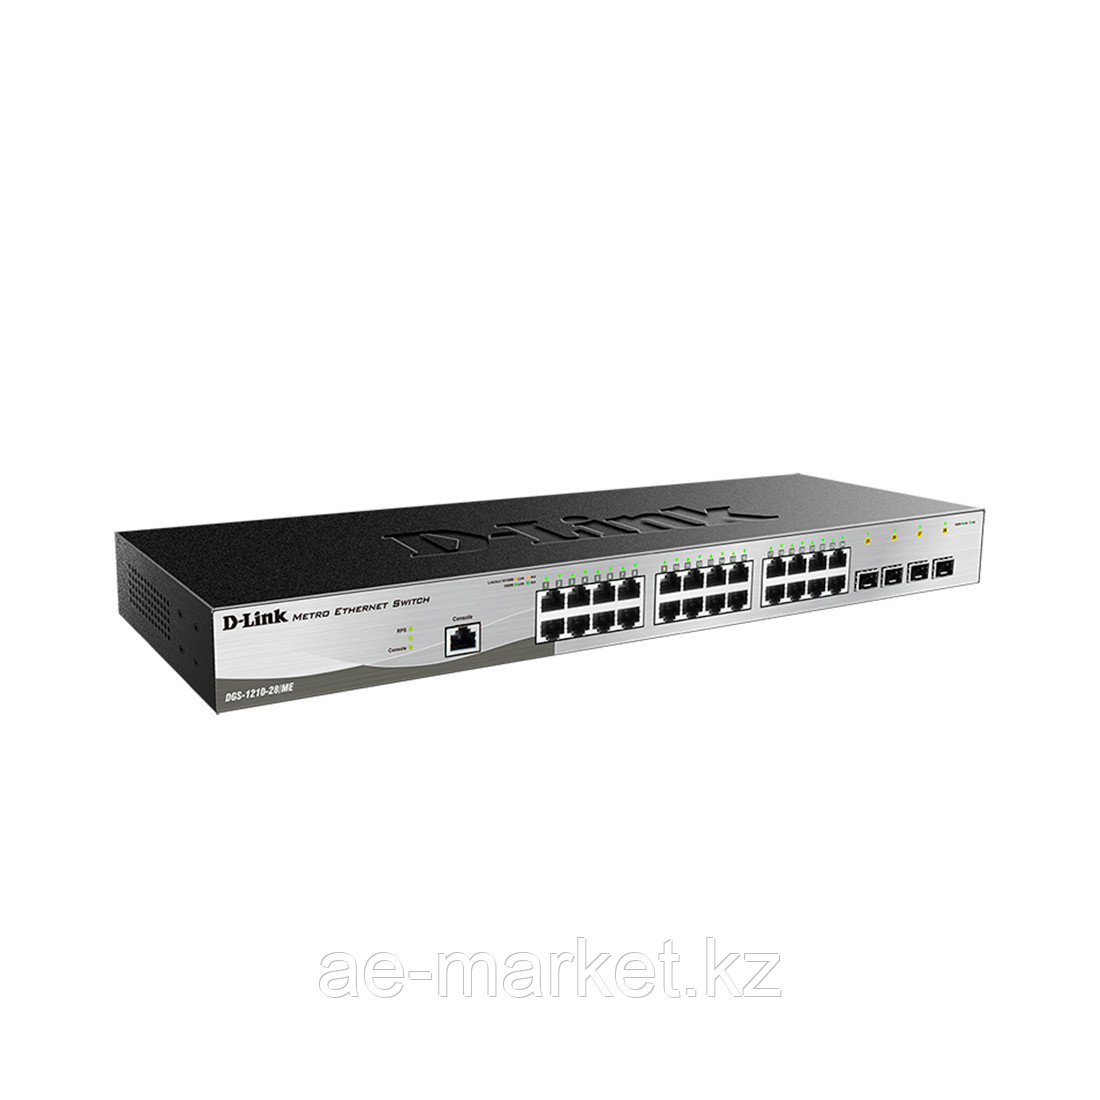 Коммутатор D-Link DGS-1210-28/ME/B1A